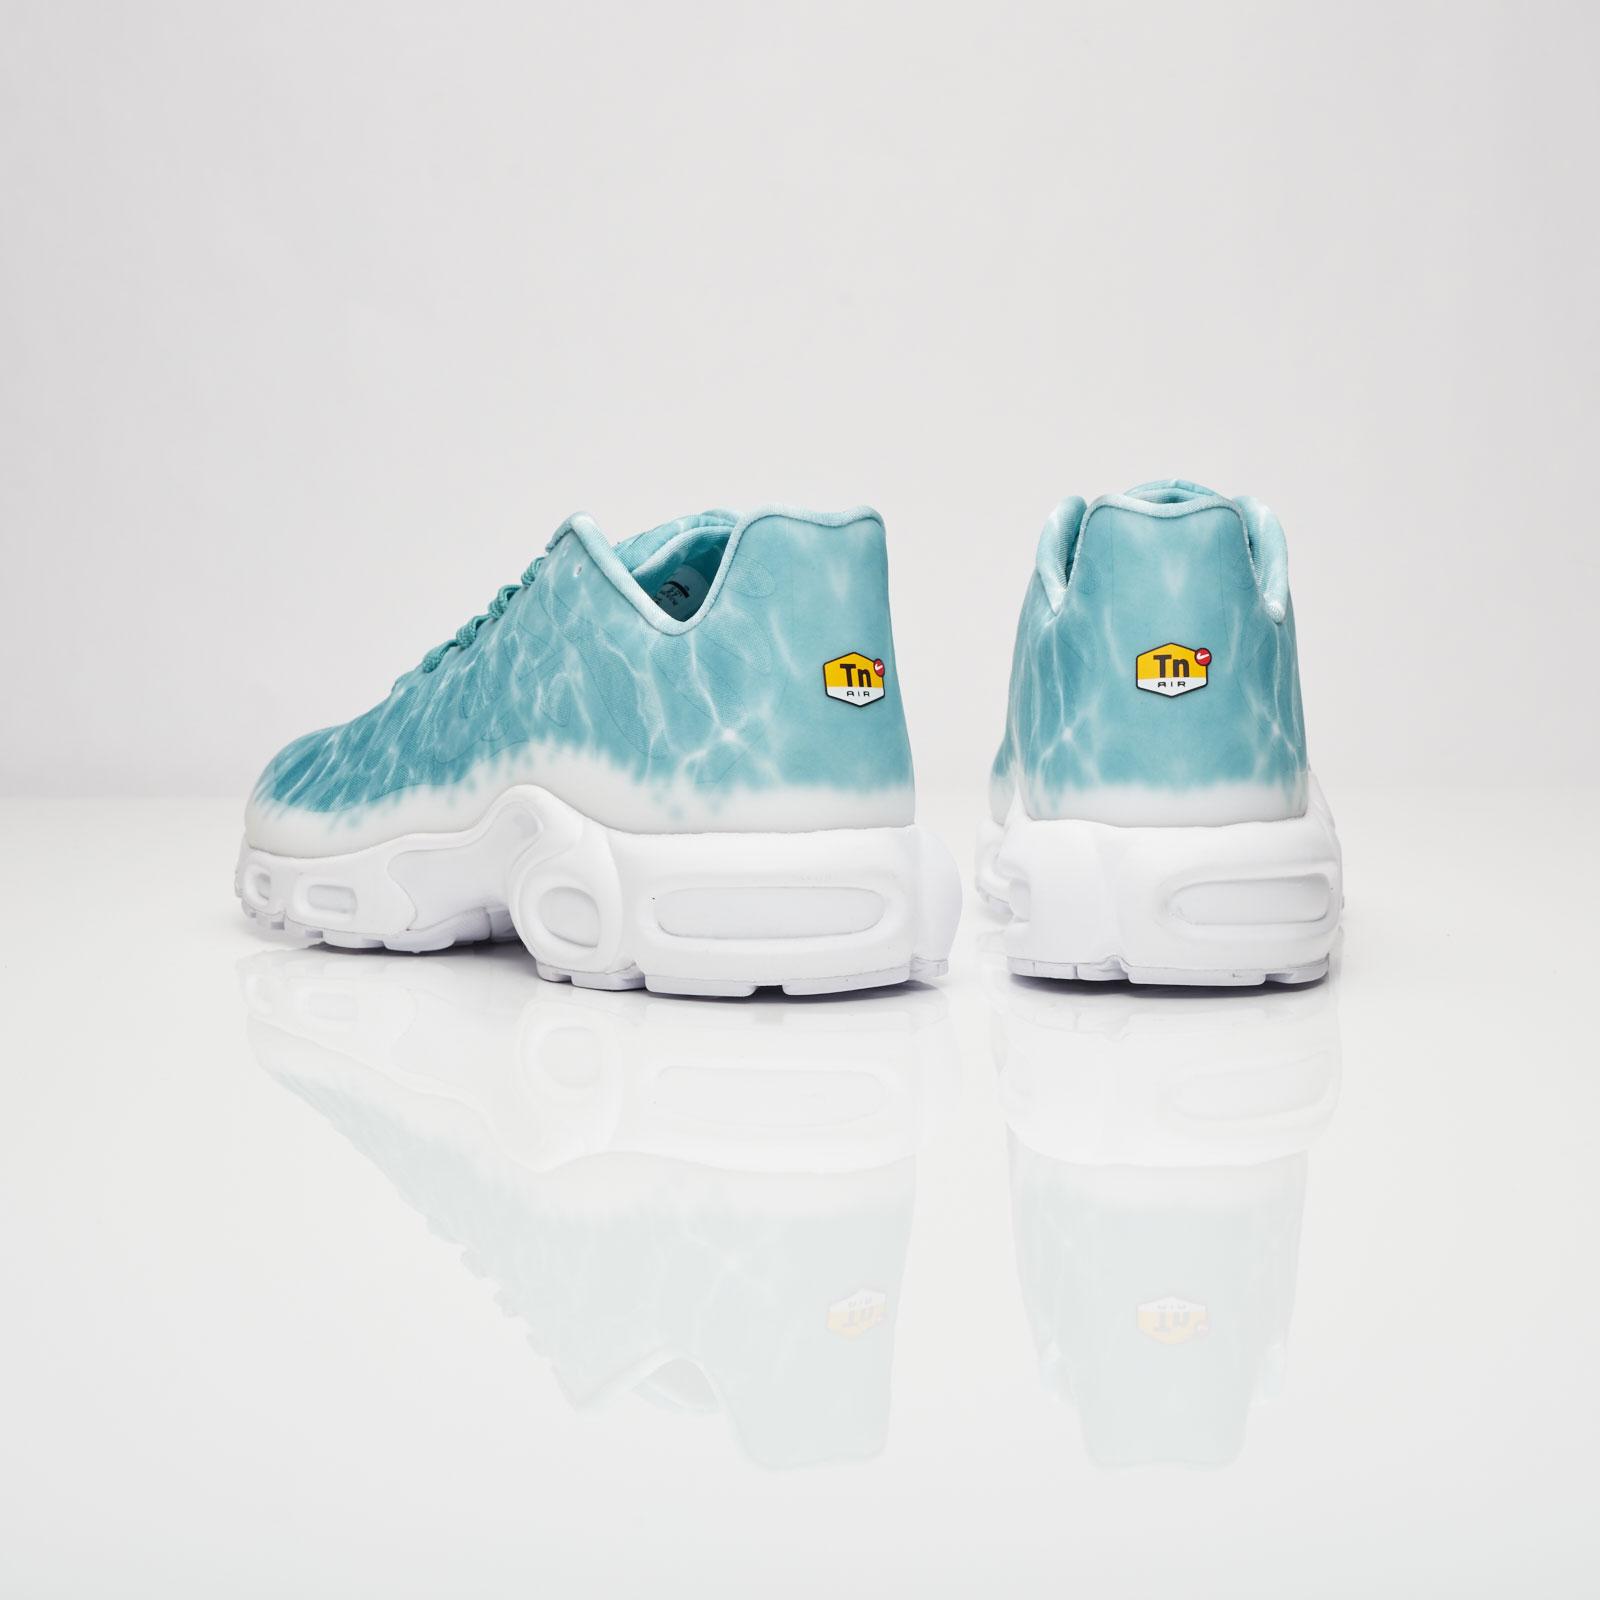 67c4654639 Nike Air Max Plus GPX Premium SP - 899595-300 - Sneakersnstuff | sneakers &  streetwear online since 1999